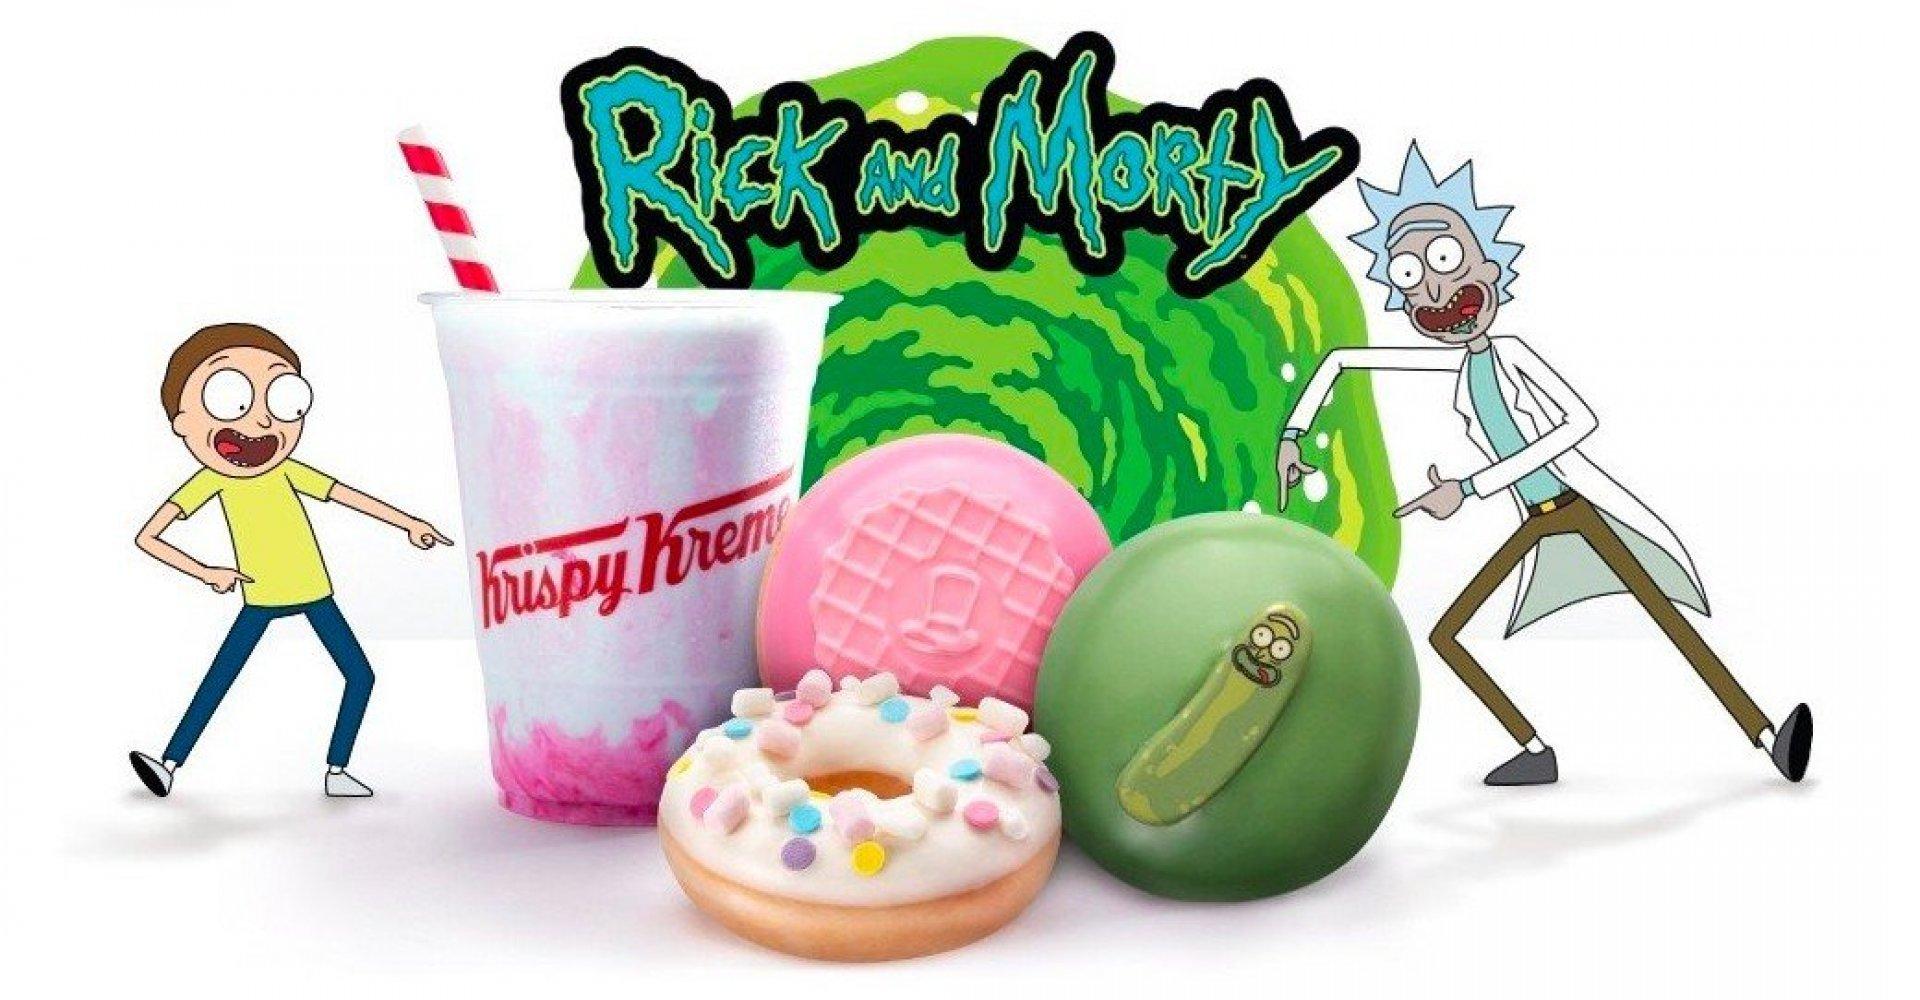 Krispy Kreme lancerer Pickle-Rick-inspireret donut